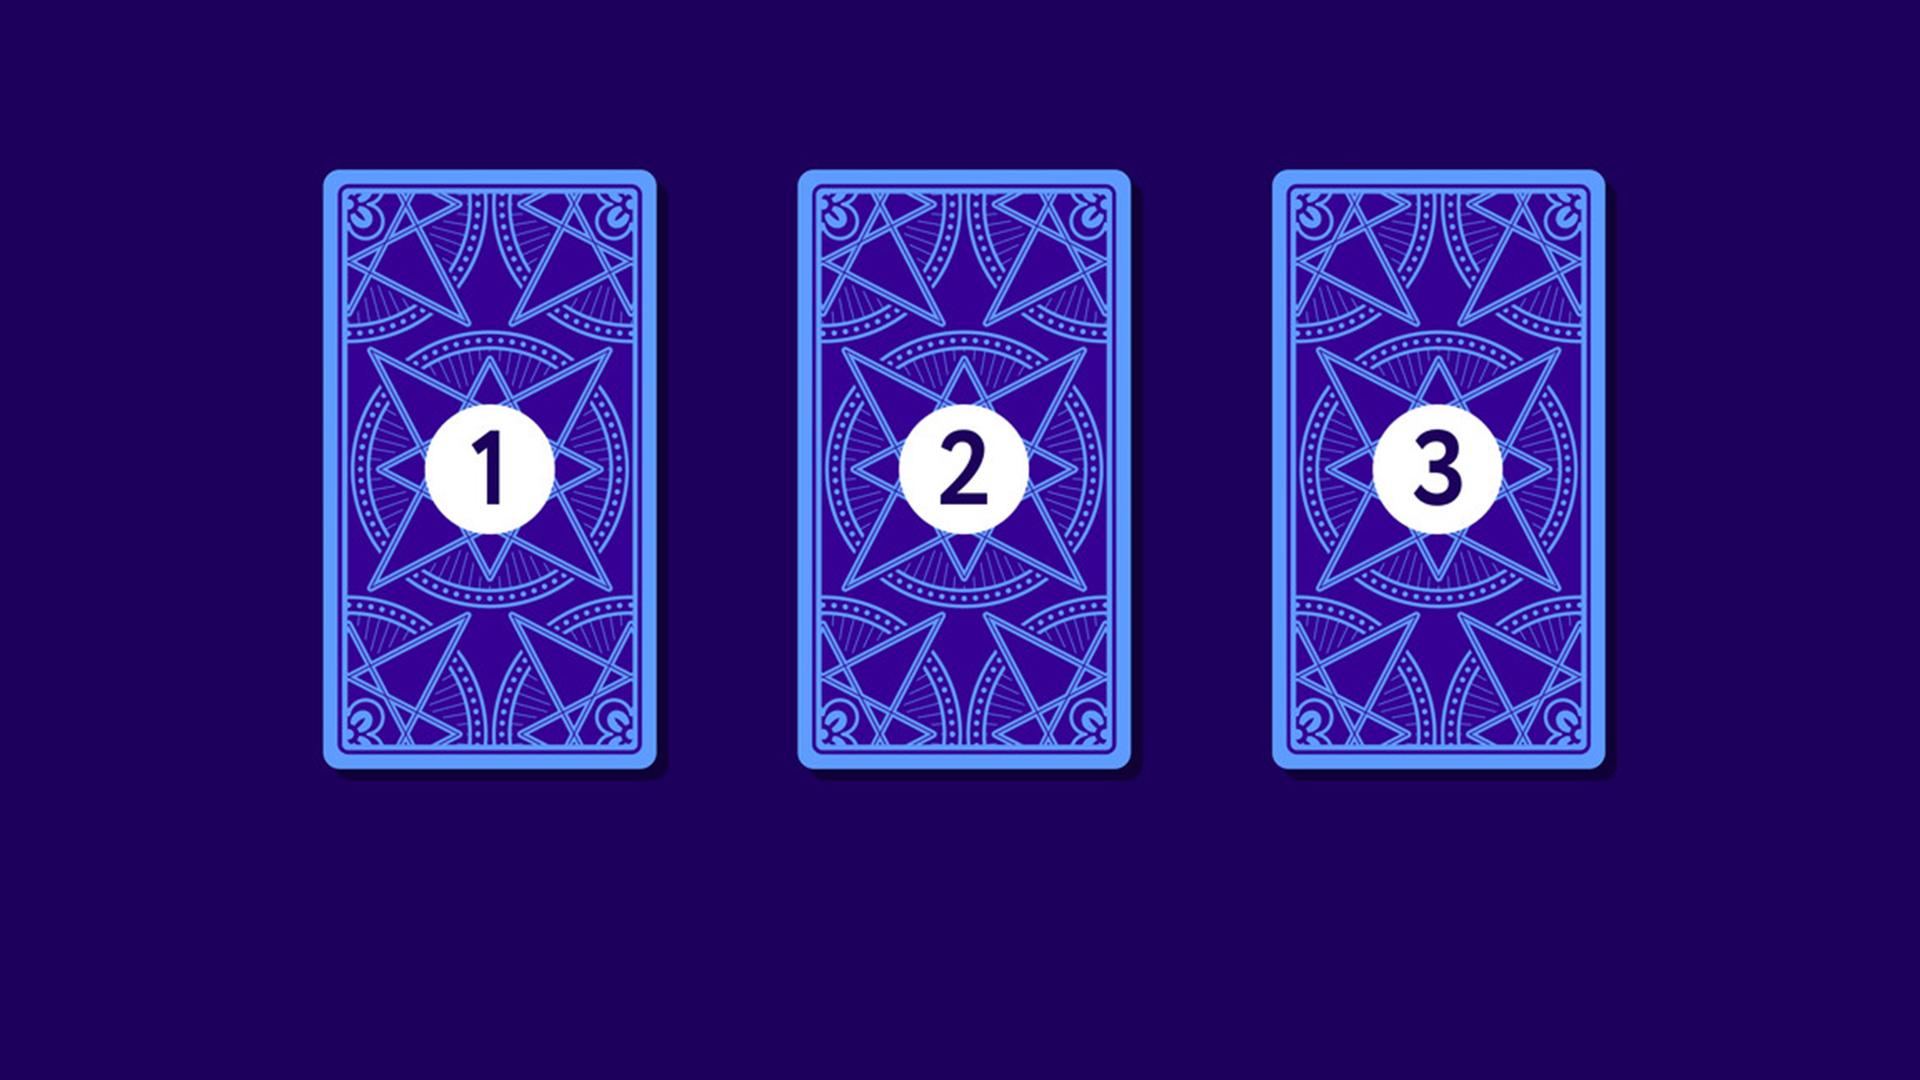 Válassz egy kártyát, megkapod az üzenetet, amire most szükséged van!